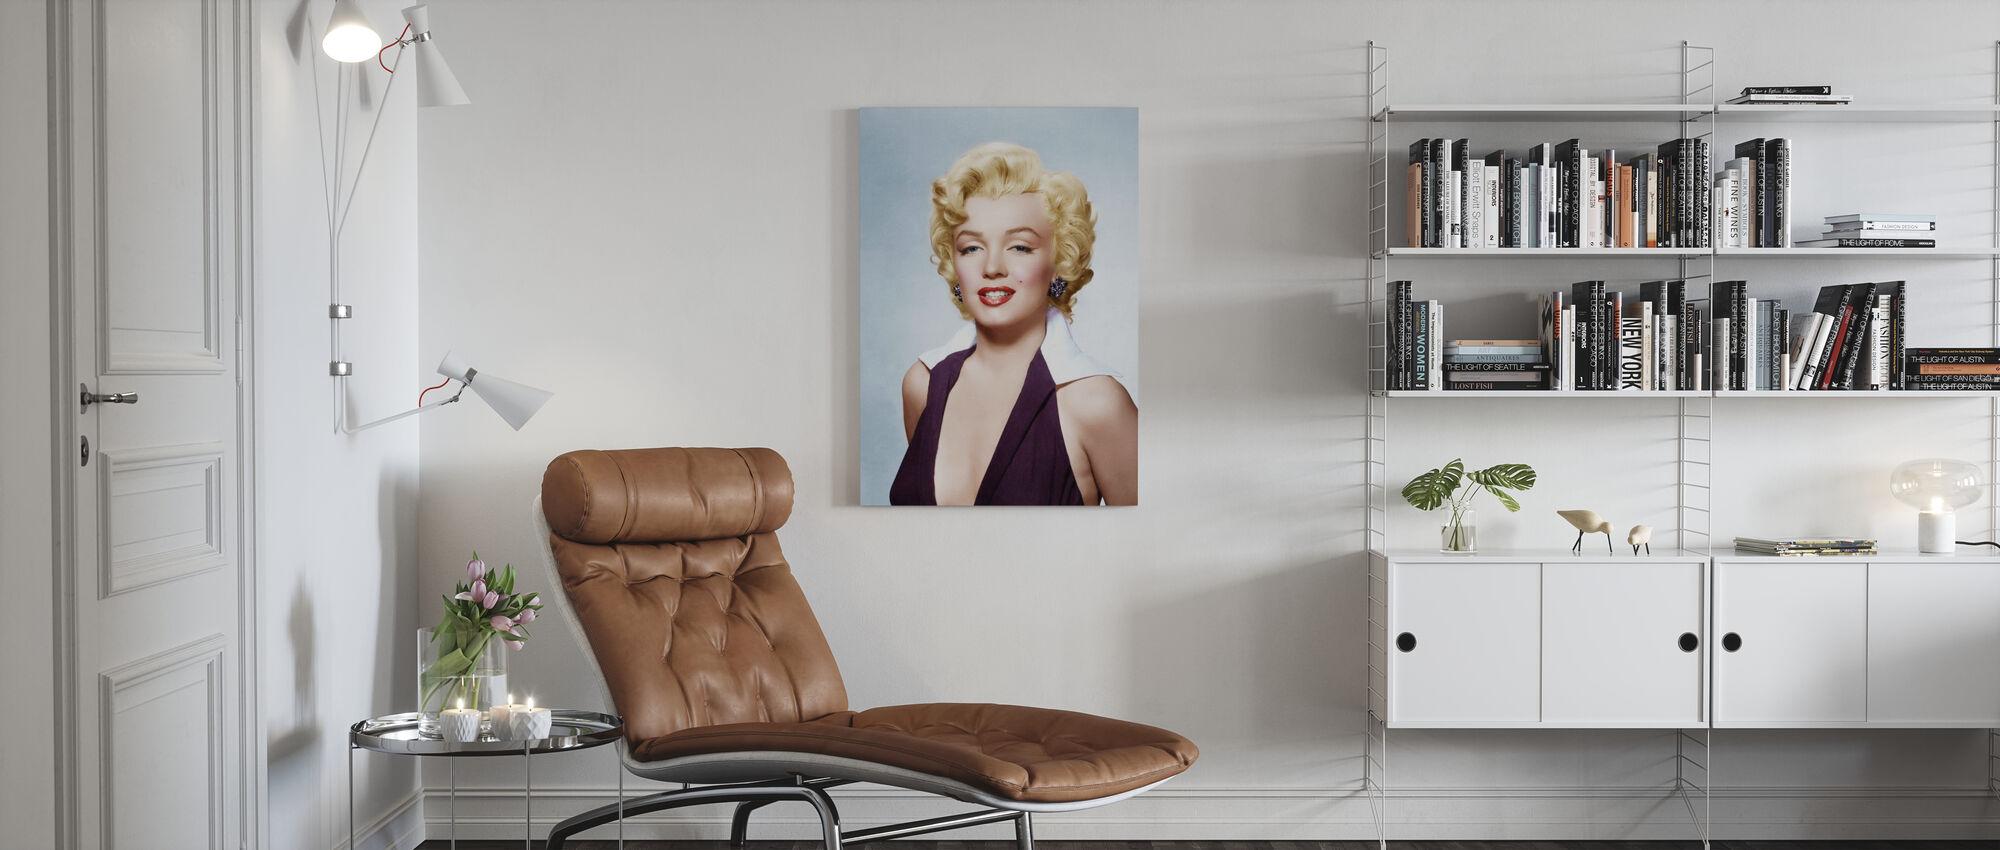 Blondin - Canvastavla - Vardagsrum